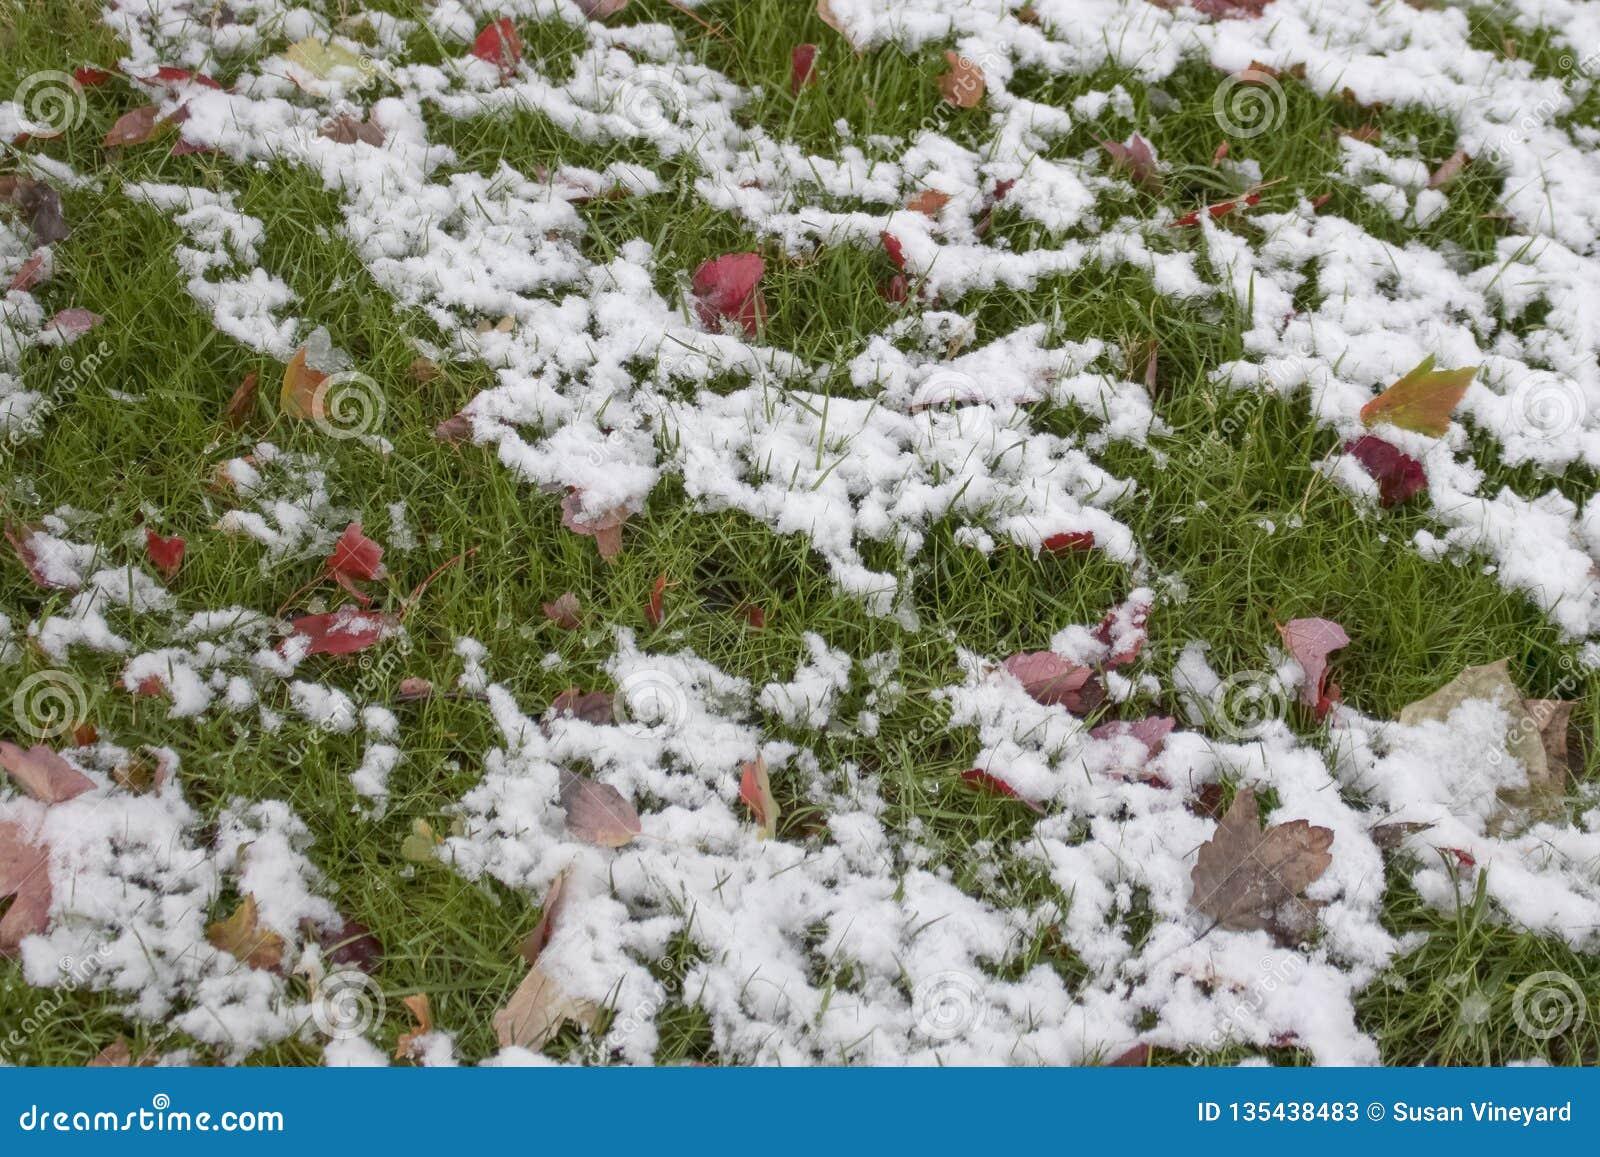 Neige de fonte sur l herbe verte et les feuilles d automne brillamment colorées - fond